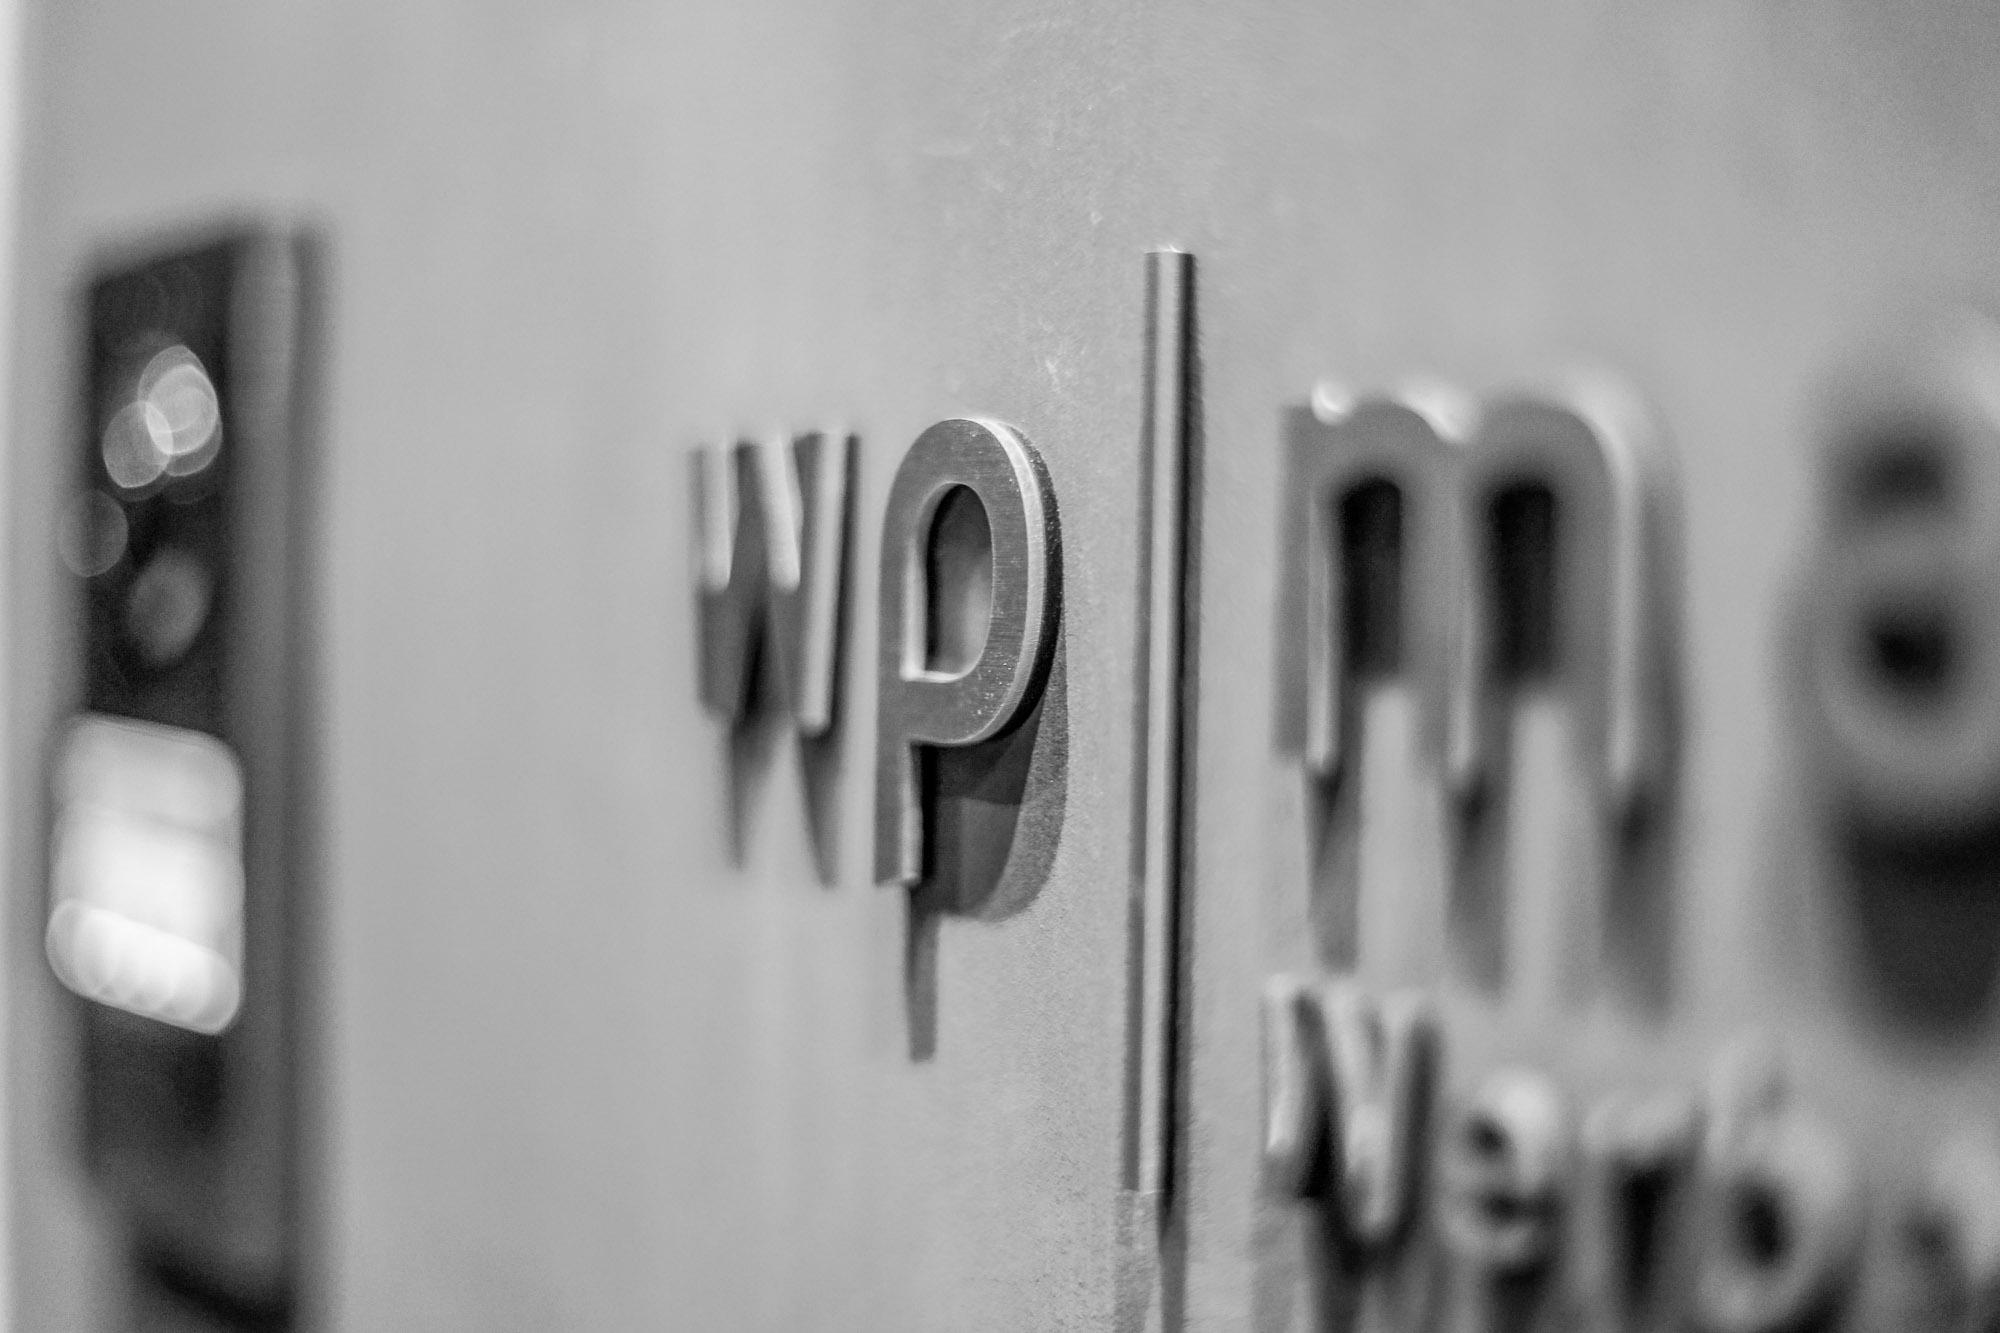 wp-marketing-werbeagentur-foto (7).jpg – wp marketing Werbeagentur